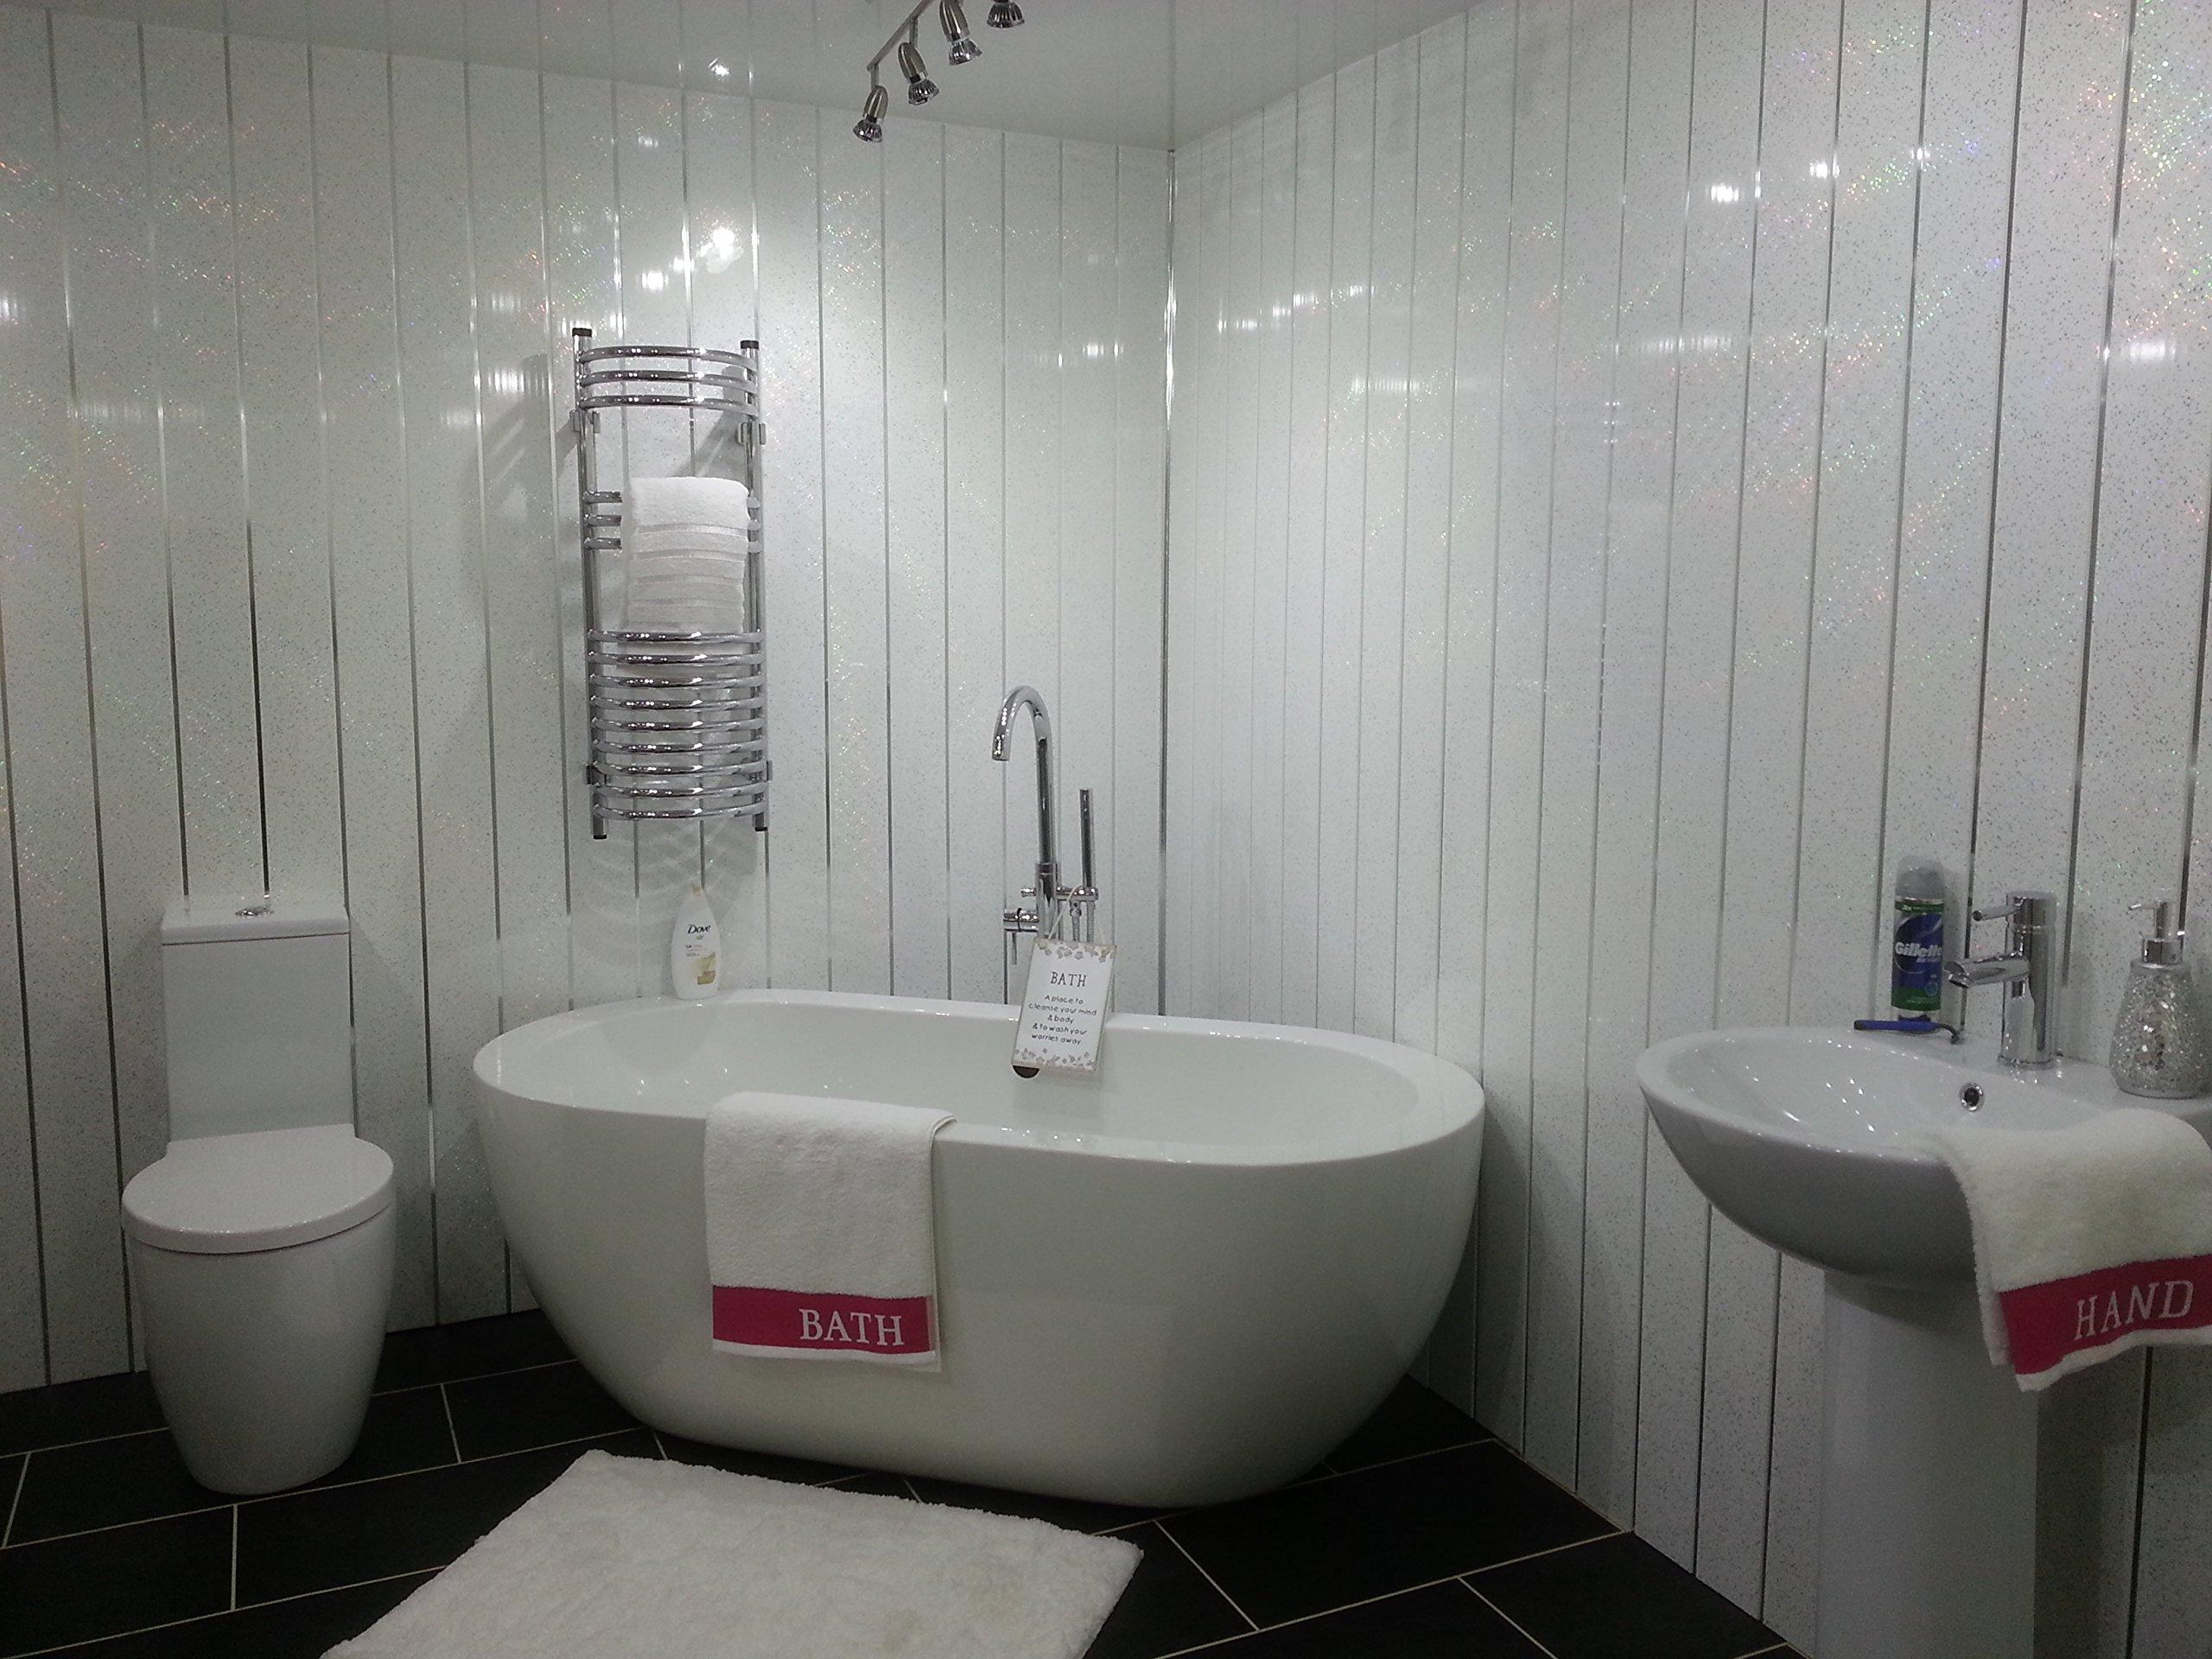 bathroom wall panels amazon co uk rh amazon co uk bathroom panels for walls uk wooden bathroom panels for walls